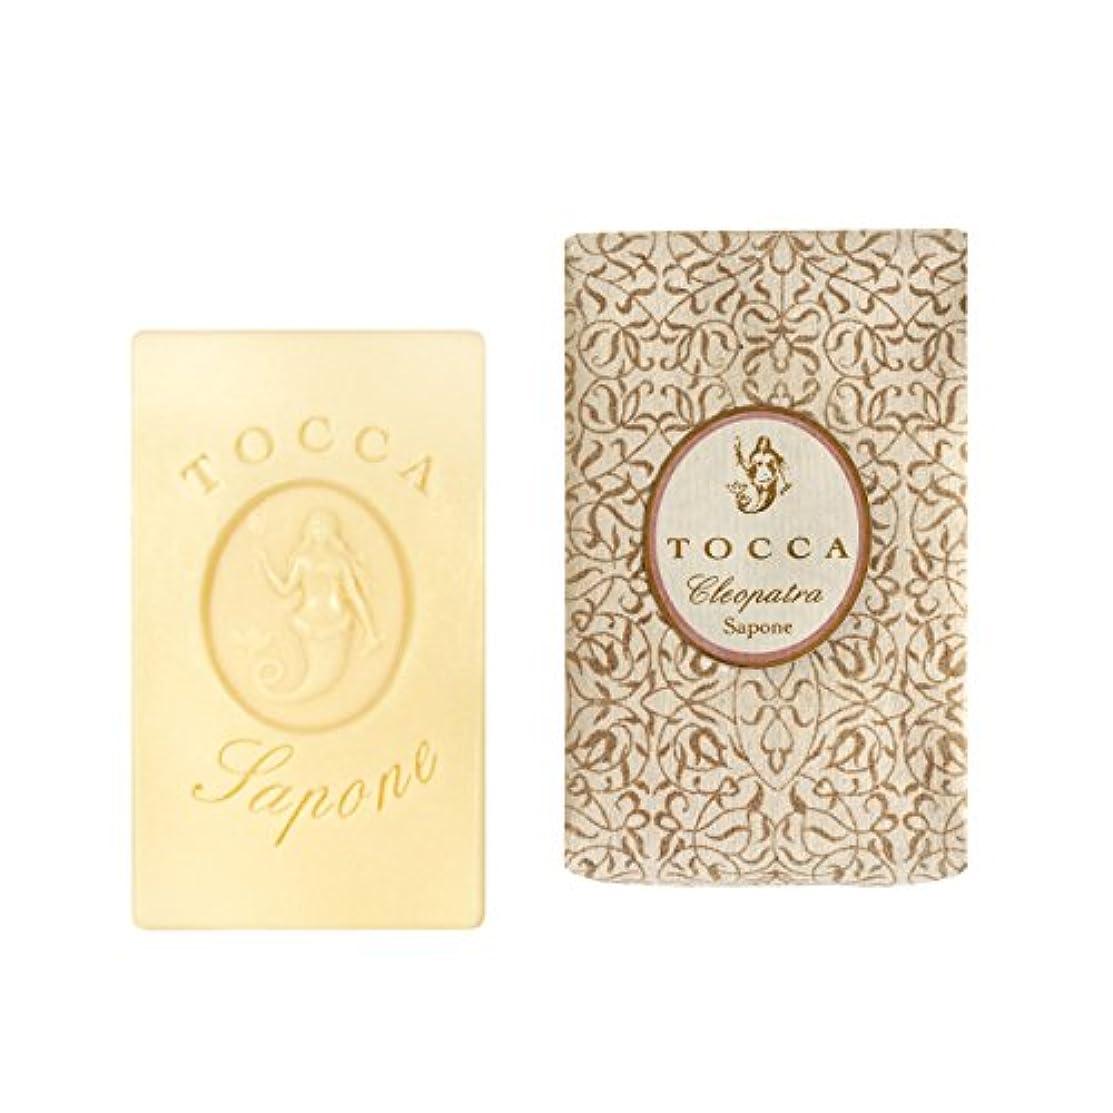 絞る大テレマコストッカ(TOCCA) ソープバー クレオパトラの香り 113g(石けん 化粧石けん グレープフルーツとキューカンバーのフレッシュでクリーンな香り)